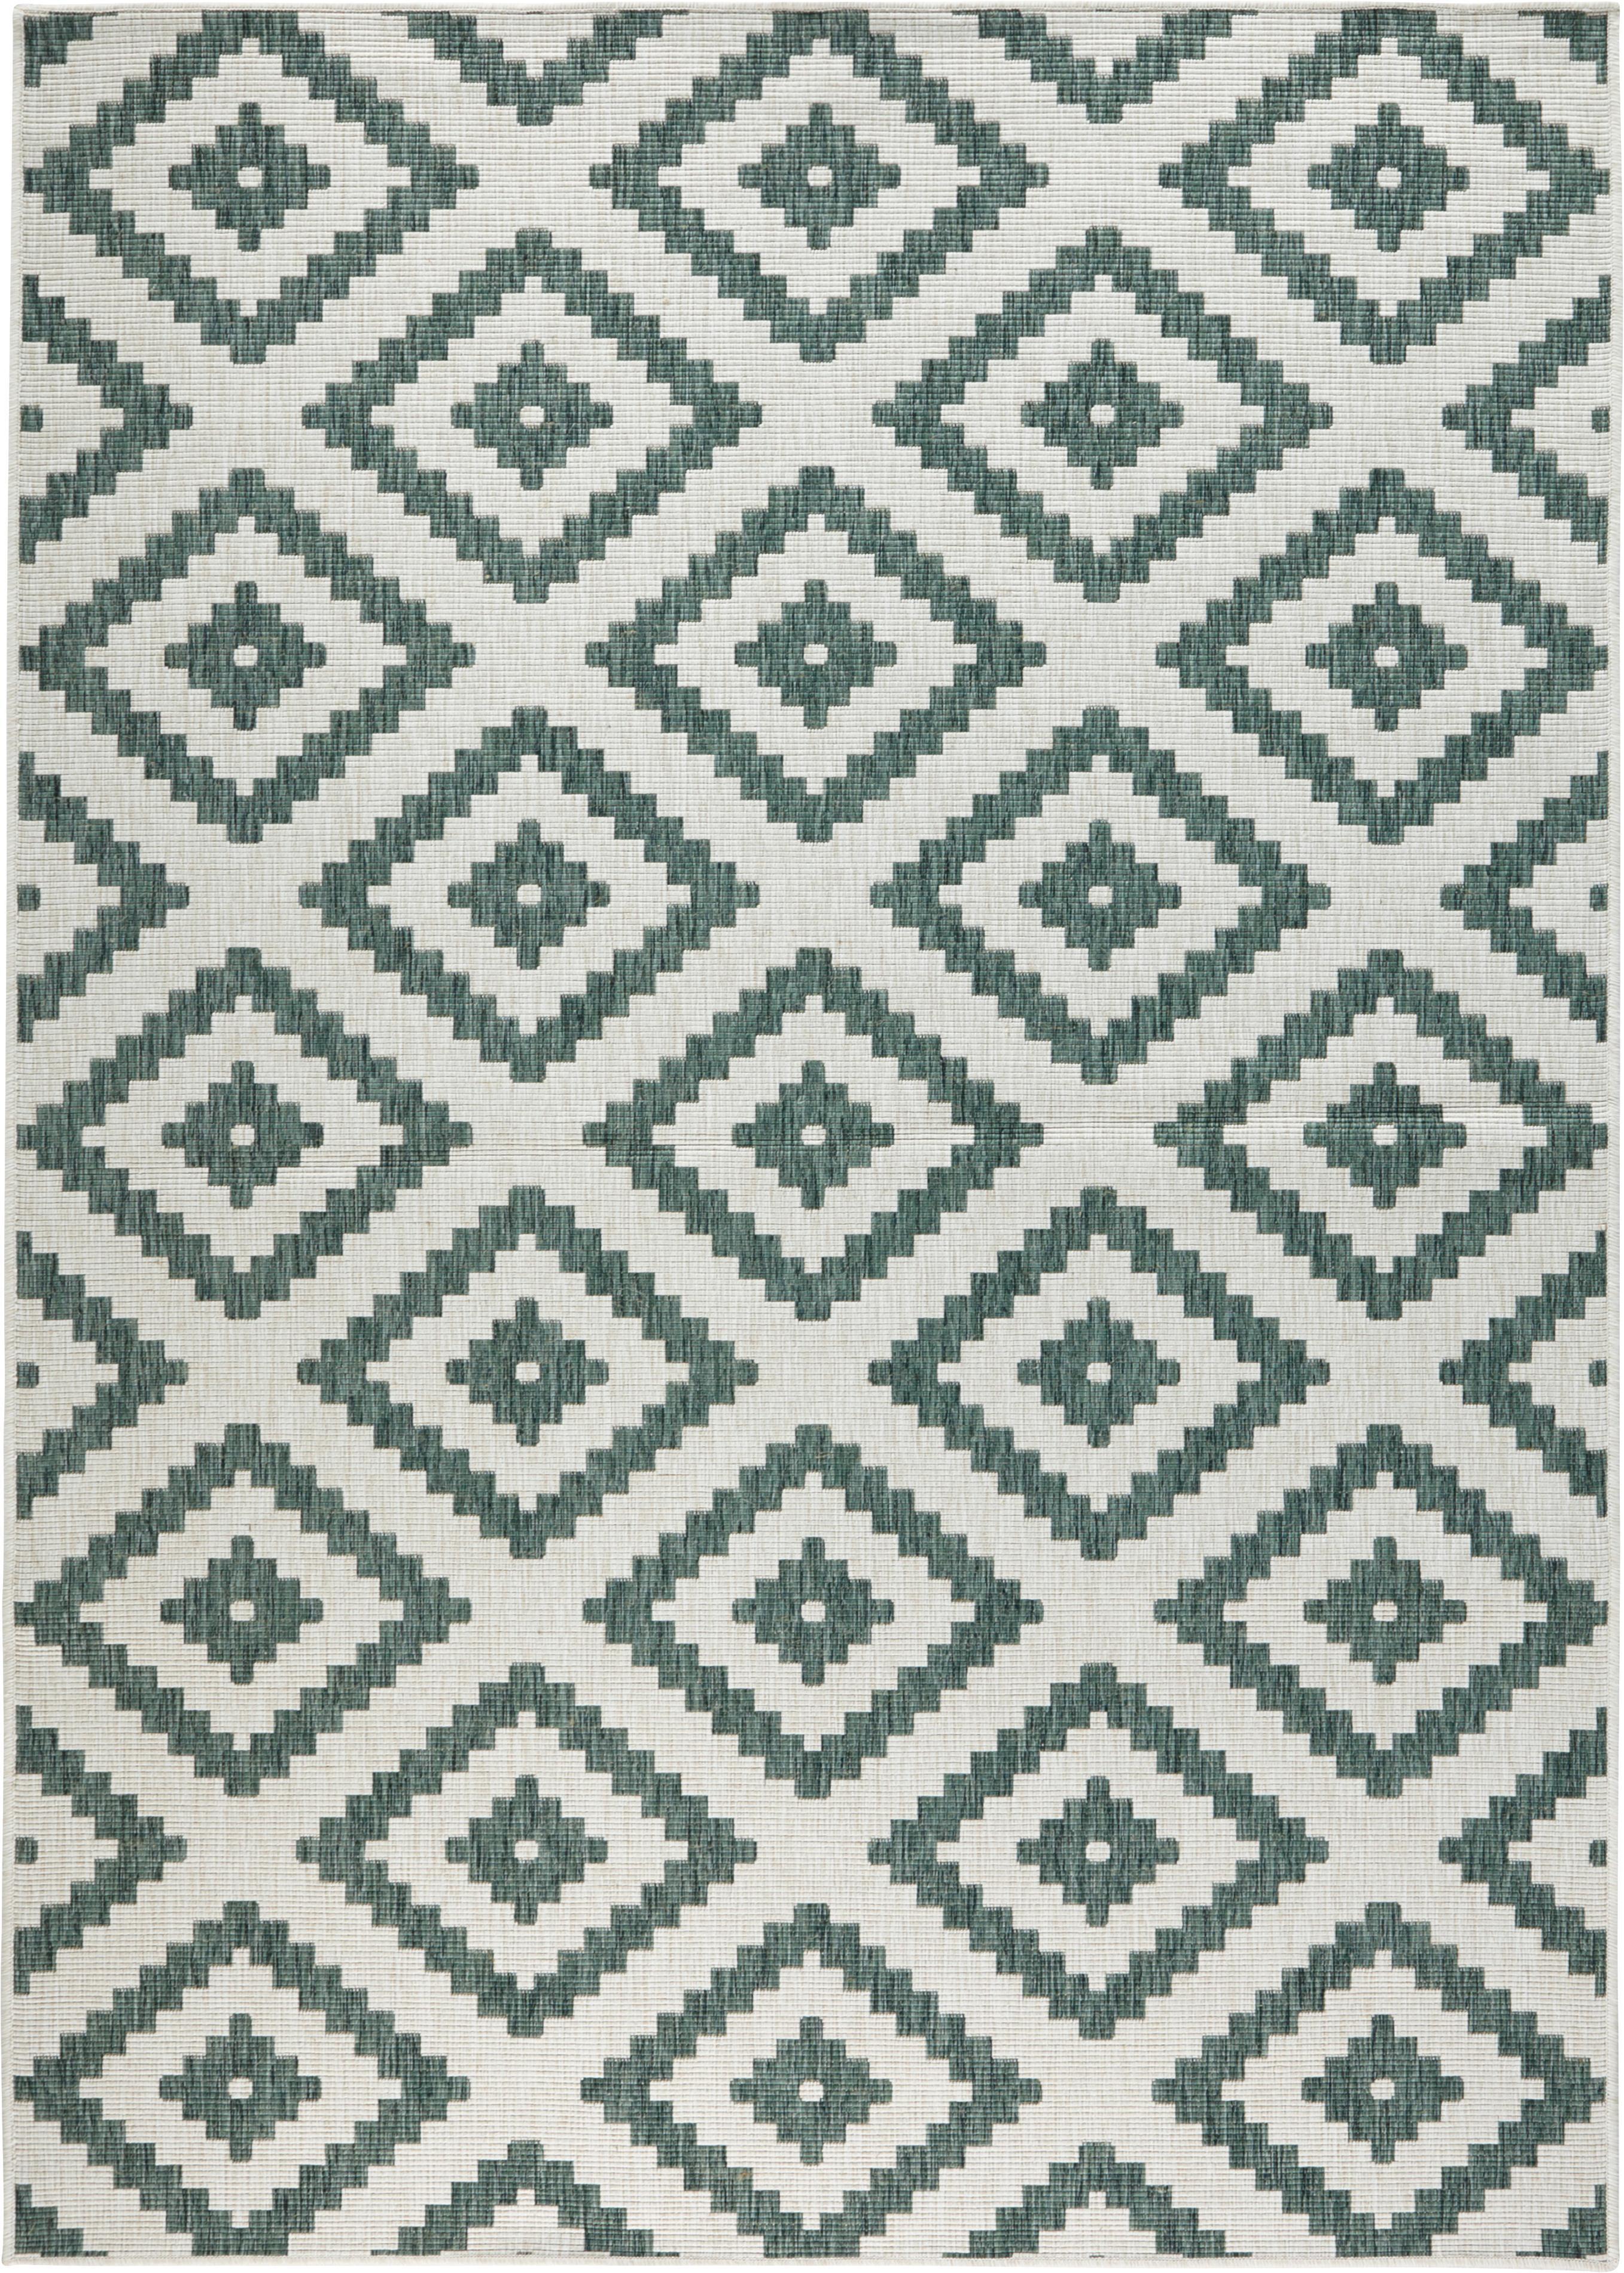 Tappeto reversibile da interno-esterno Malta, Verde, color crema, Larg. 200 x Lung. 290 cm (taglia L)